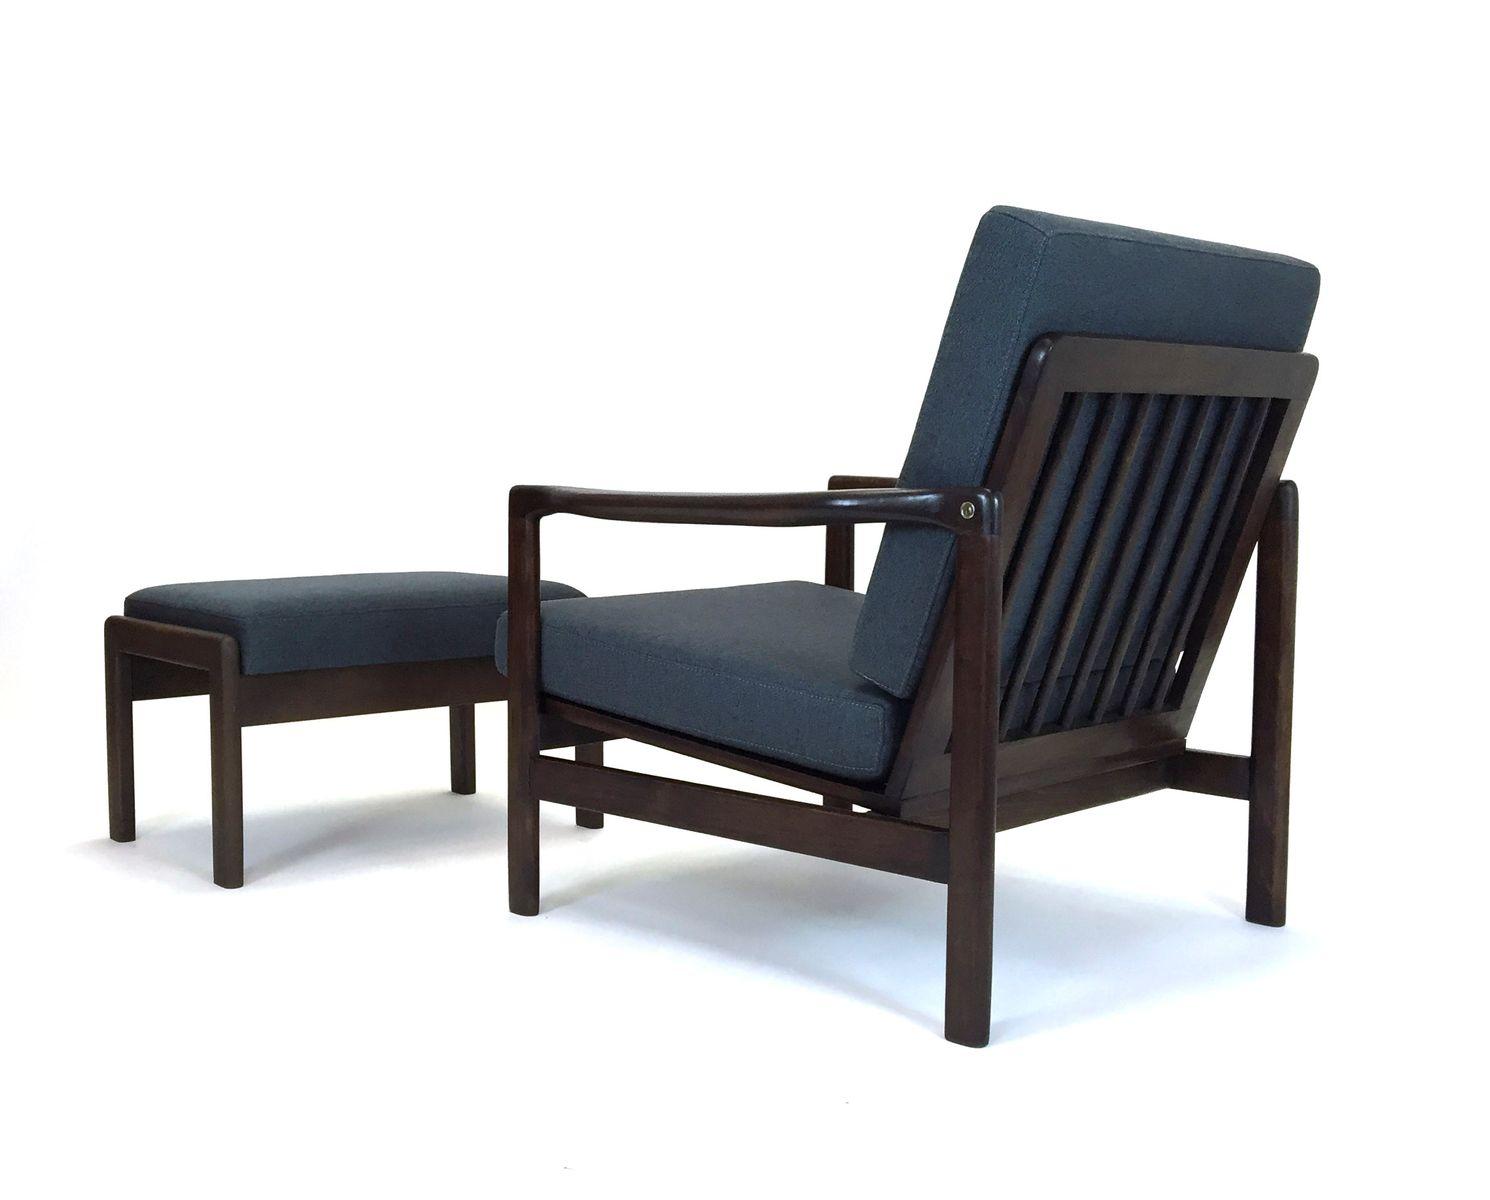 lounge stuhl mit fu hocker von zenon b czyk f r. Black Bedroom Furniture Sets. Home Design Ideas